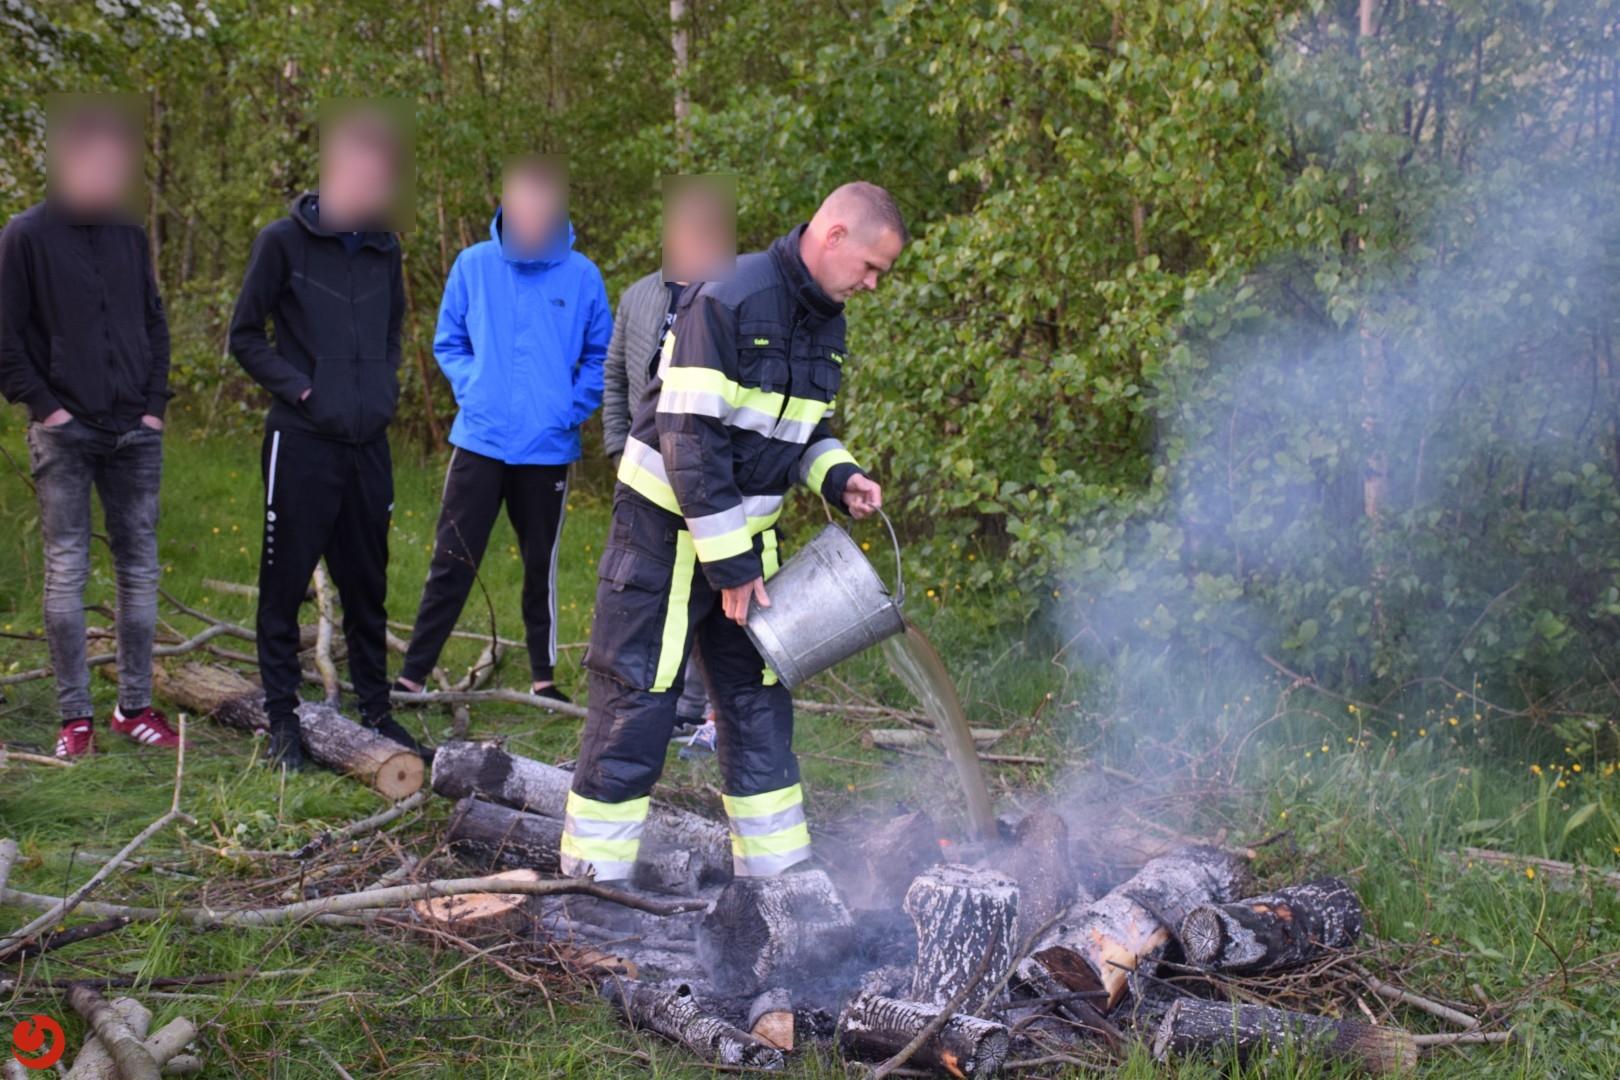 Vier jongeren stichten brand langs wandelpad